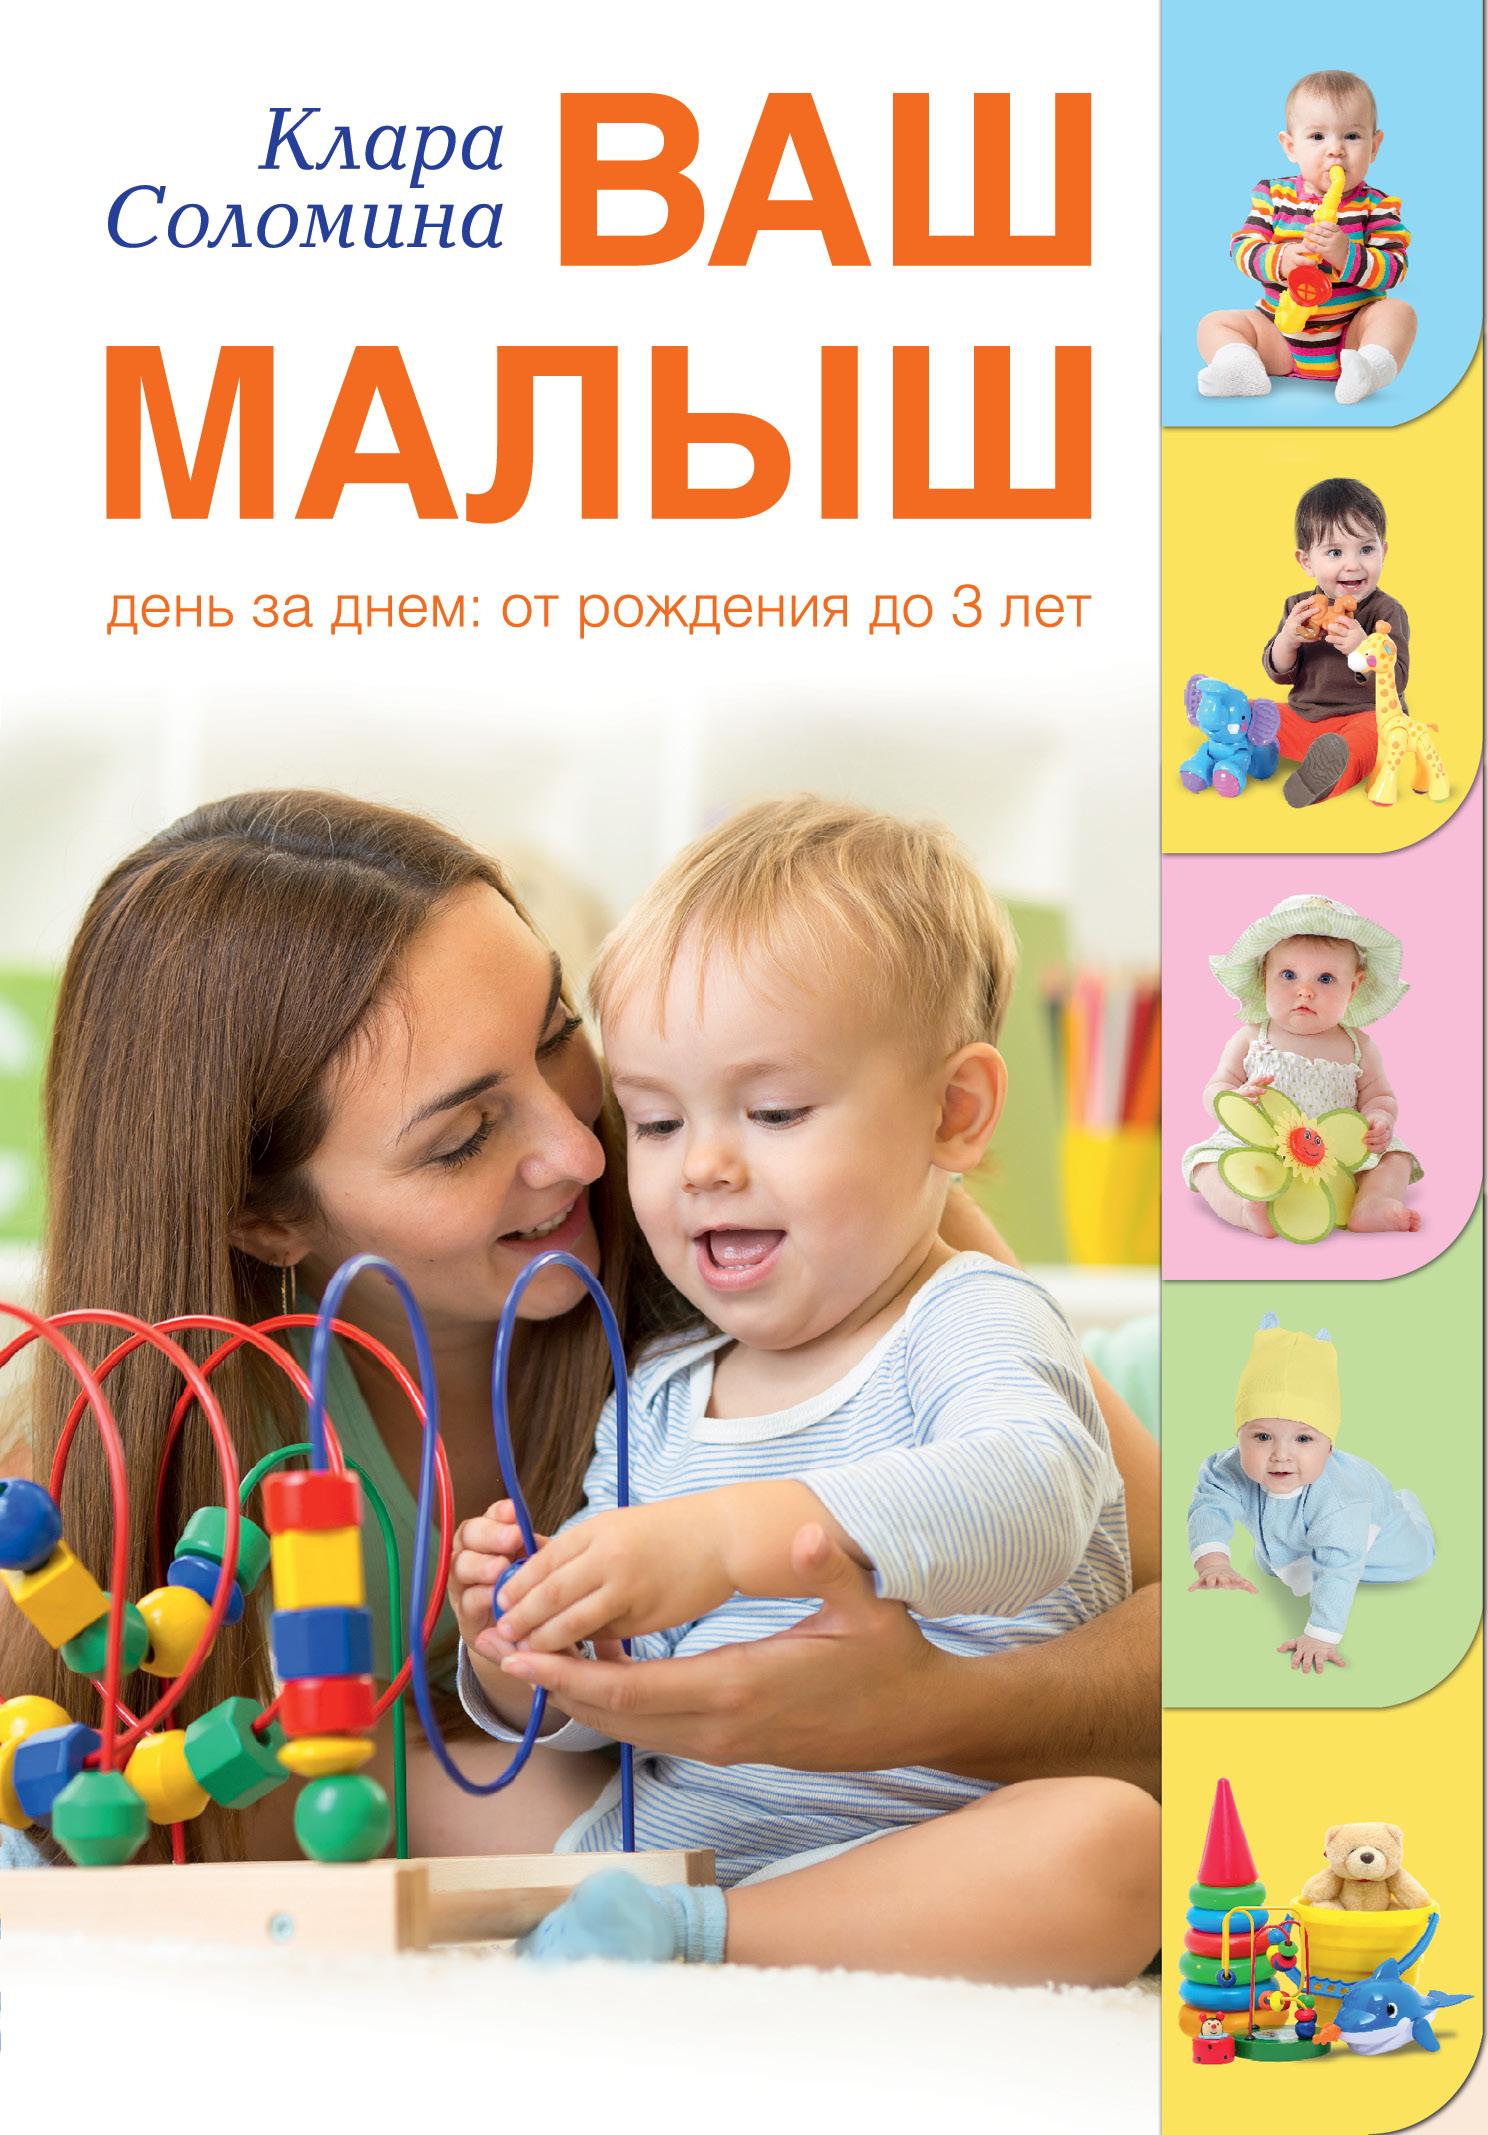 Соломина К. Ваш малыш день за днем: от рождения до трех лет